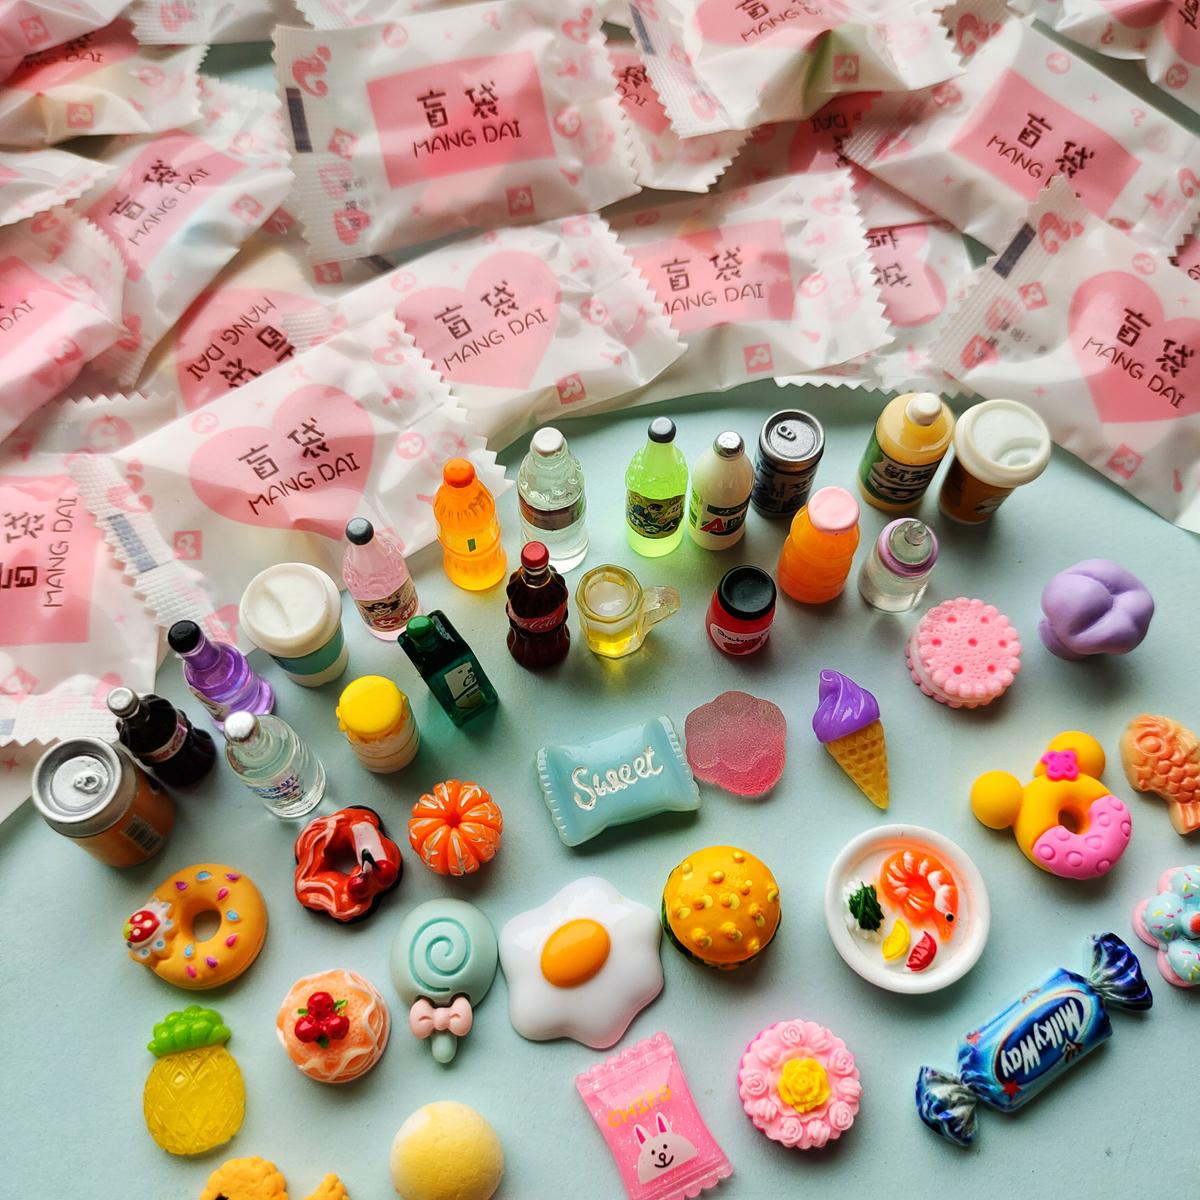 包邮盲袋超市食玩酒瓶可乐饮料瓶迷你食物微缩模型蛋糕套餐小玩具